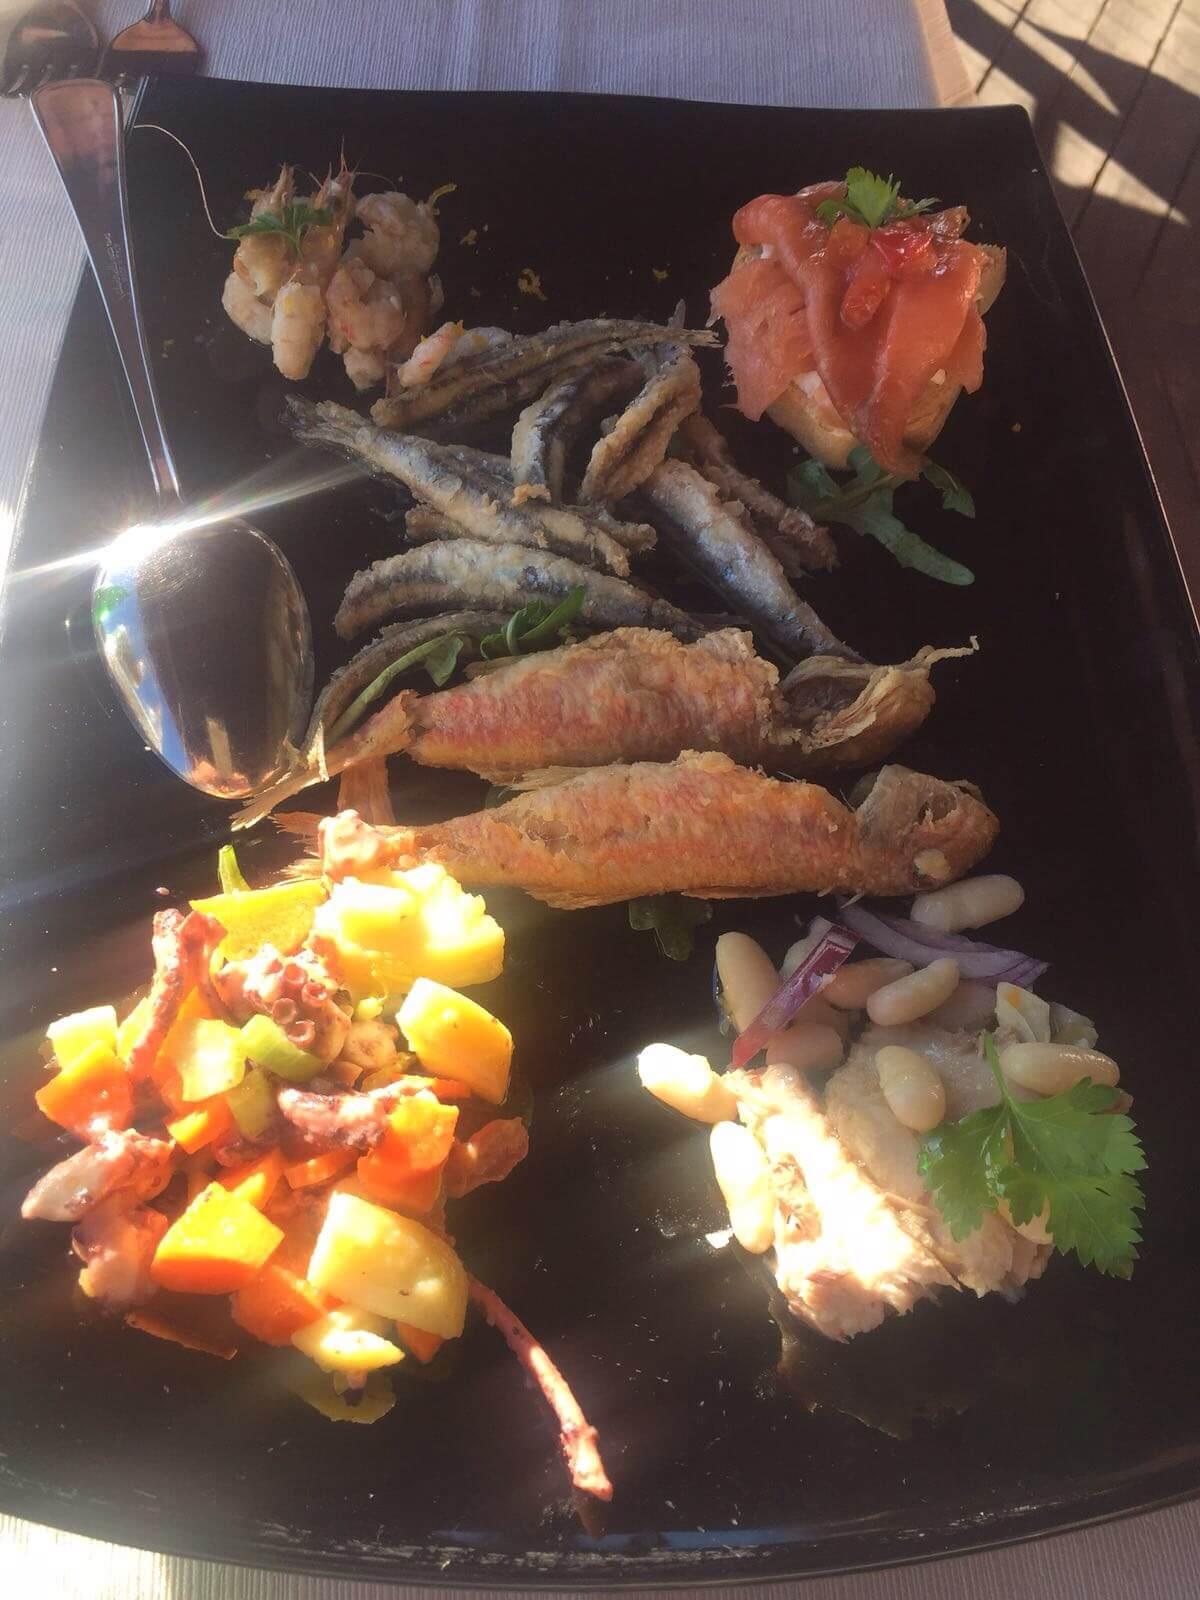 frittura di pesce, patate e composizioni con pane